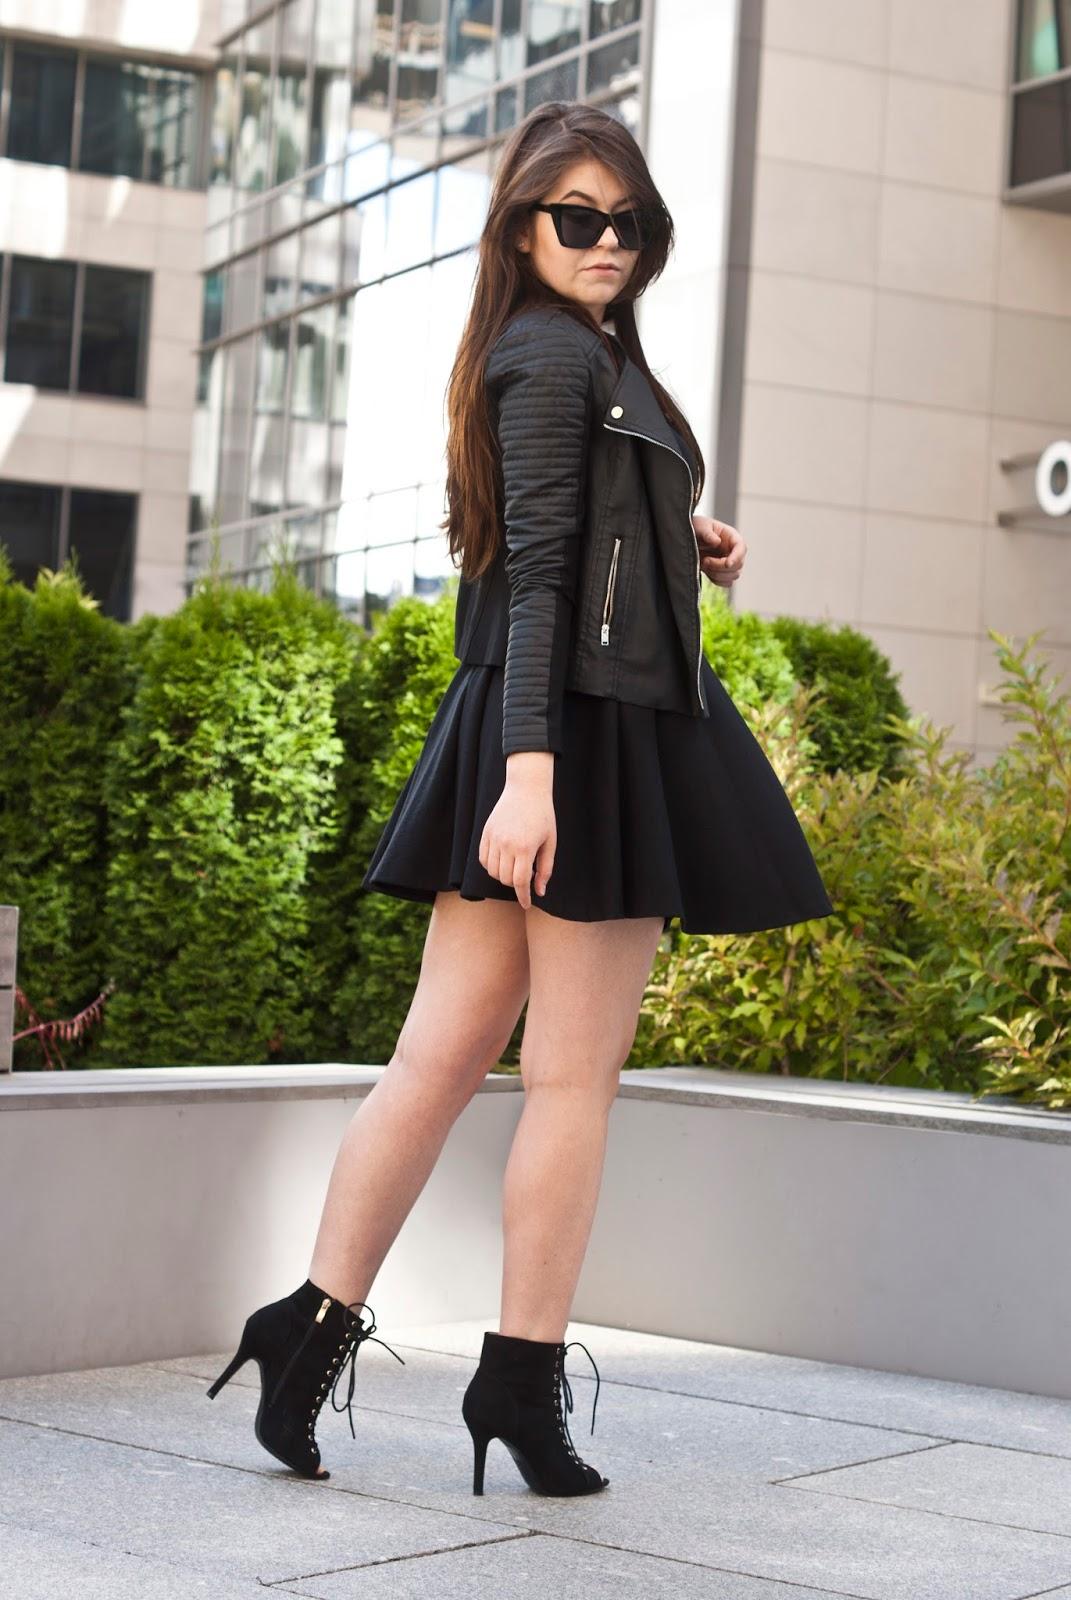 Czarna sukienka / Black Dress